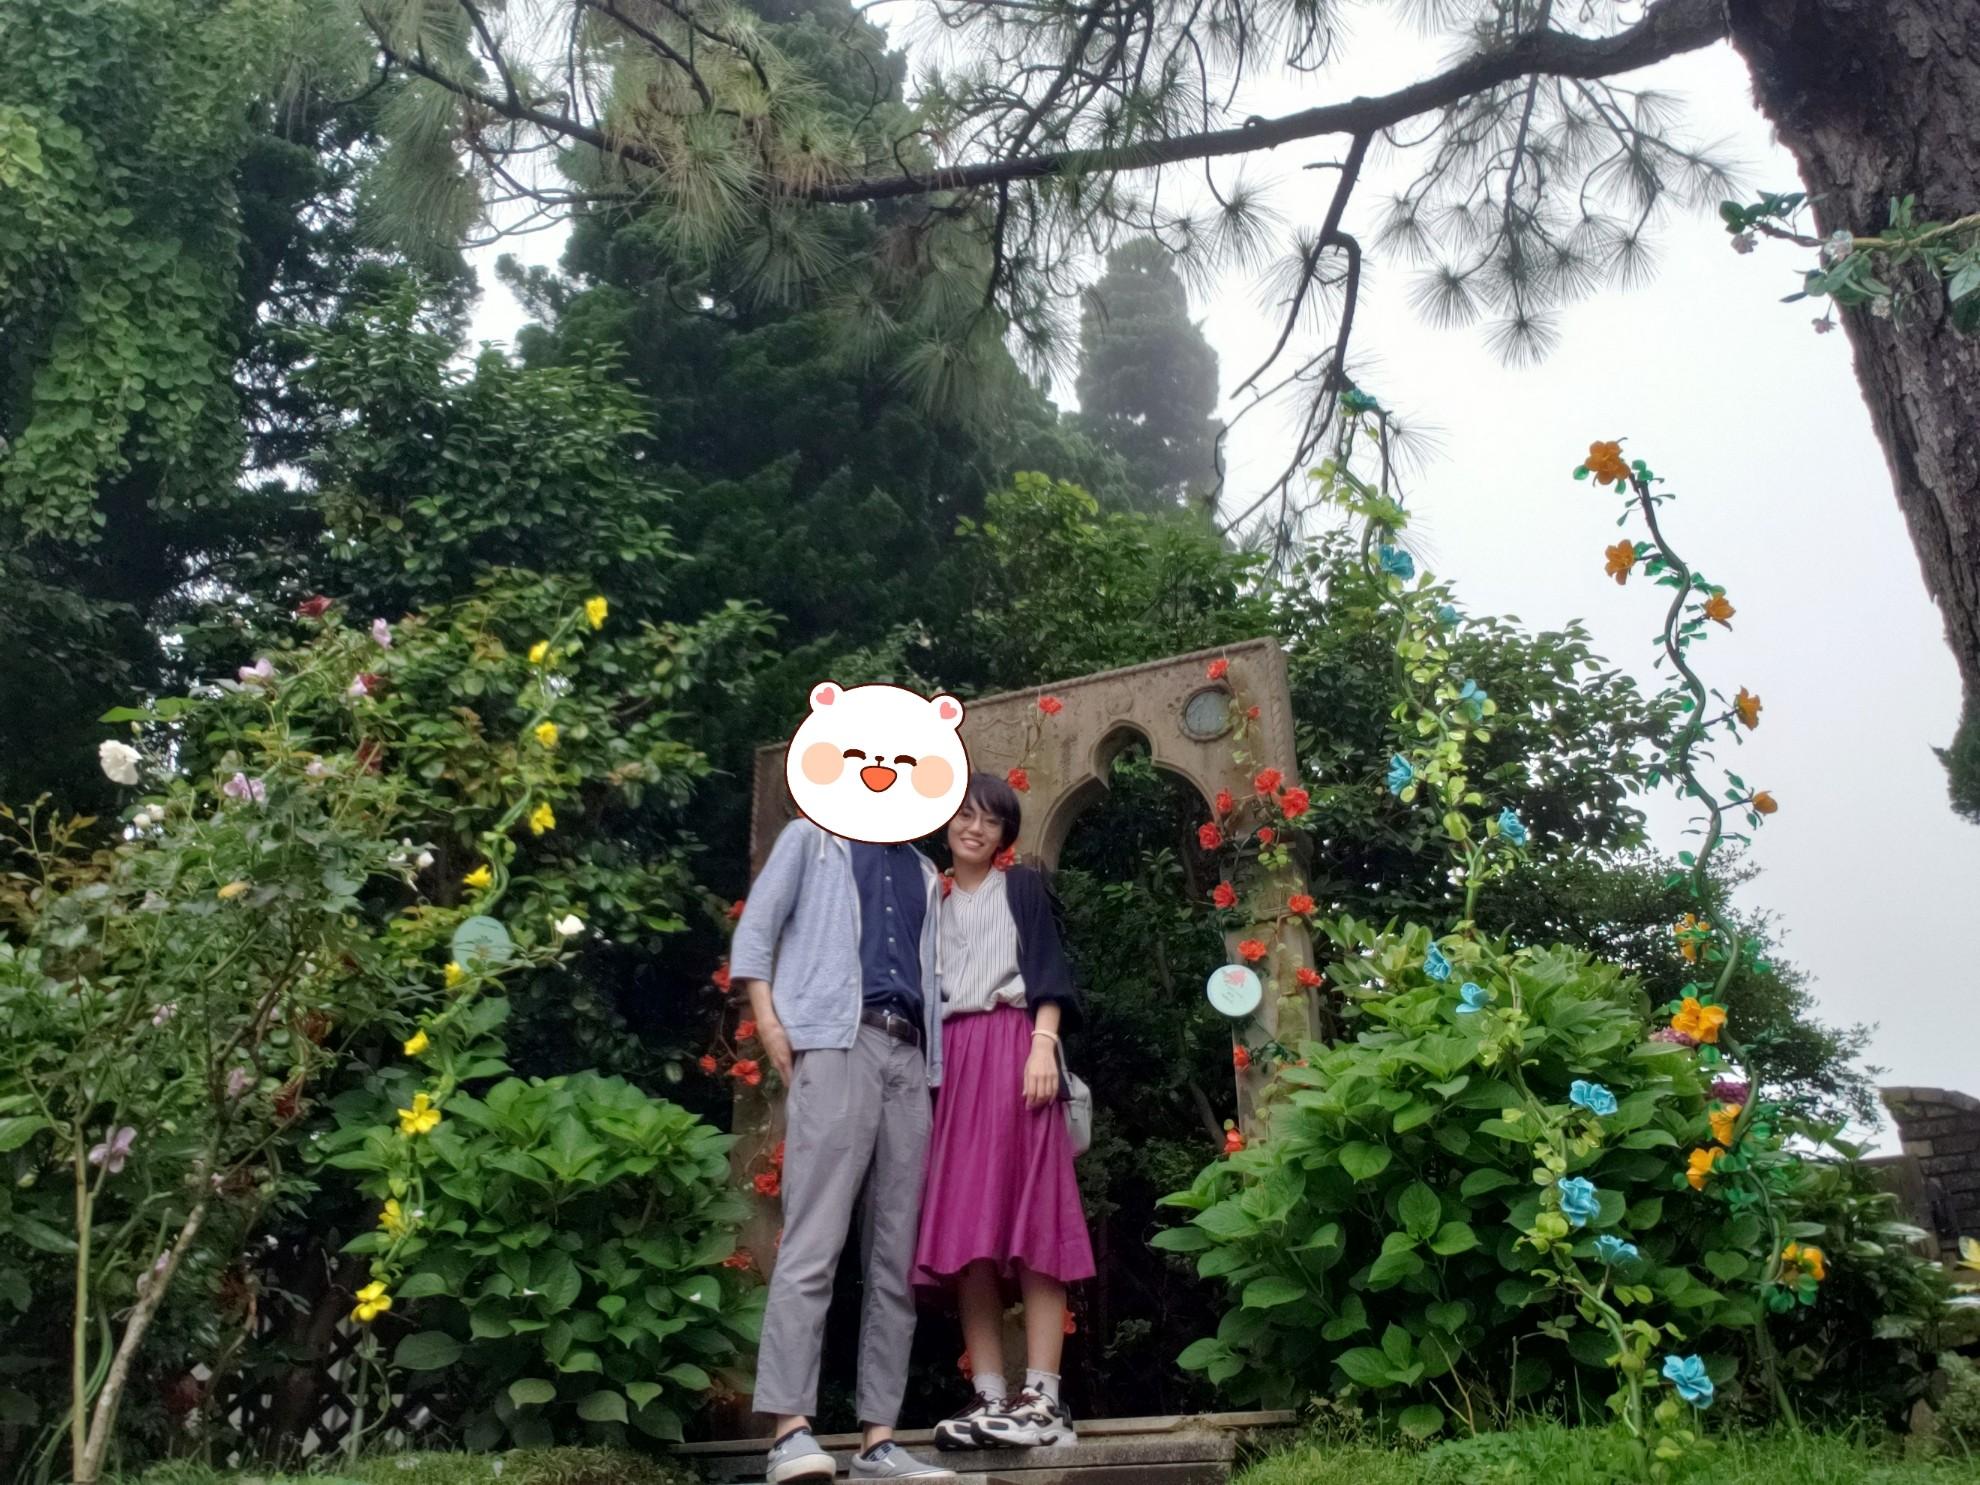 【箱根旅行】雨でも楽しめる!お手軽!1泊2日の温泉と美味しいものとキラキラな旅☆_9